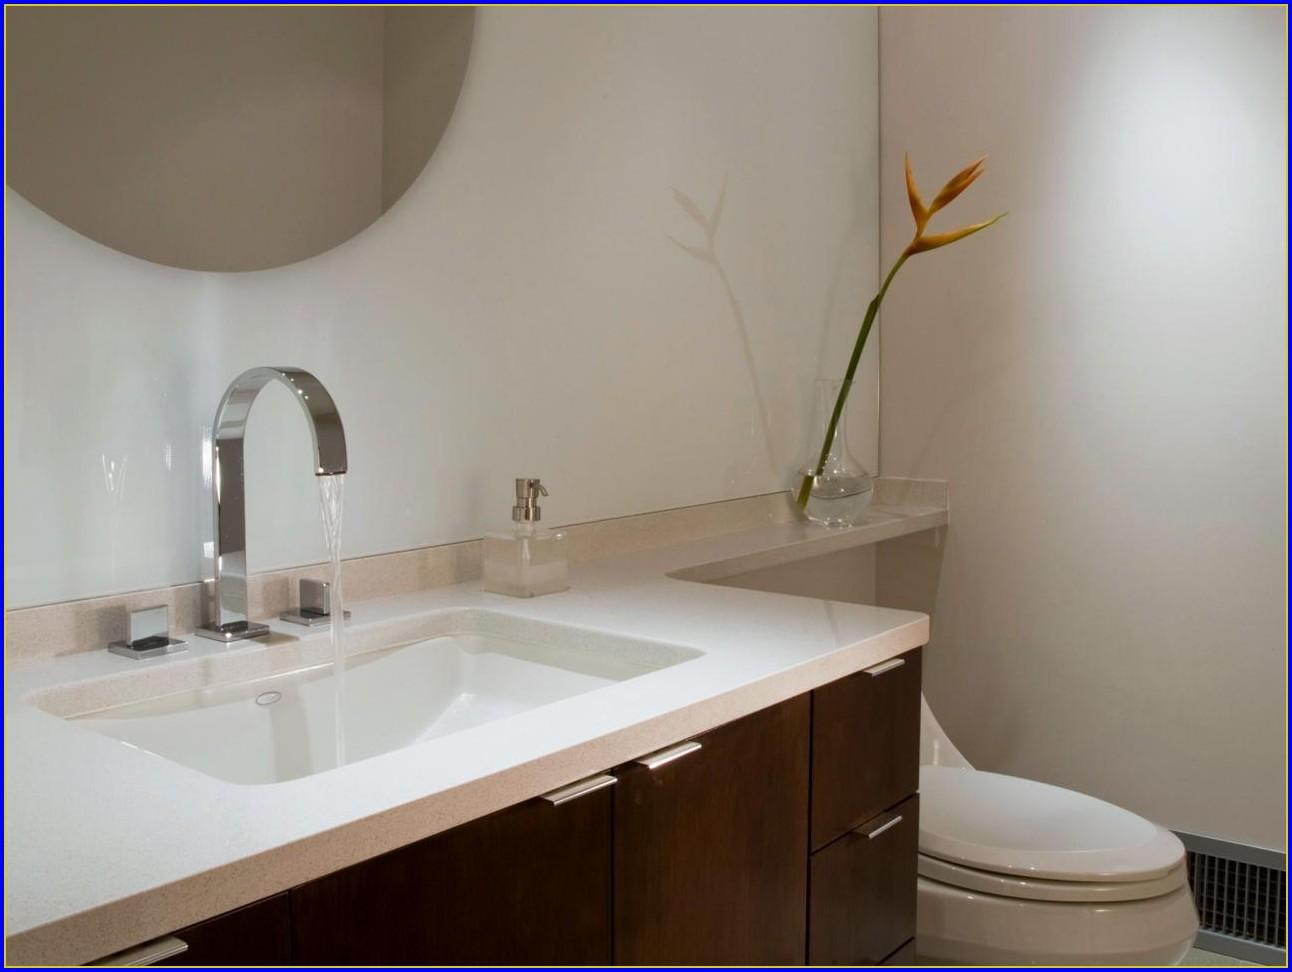 Bathroom Countertop Materials Options